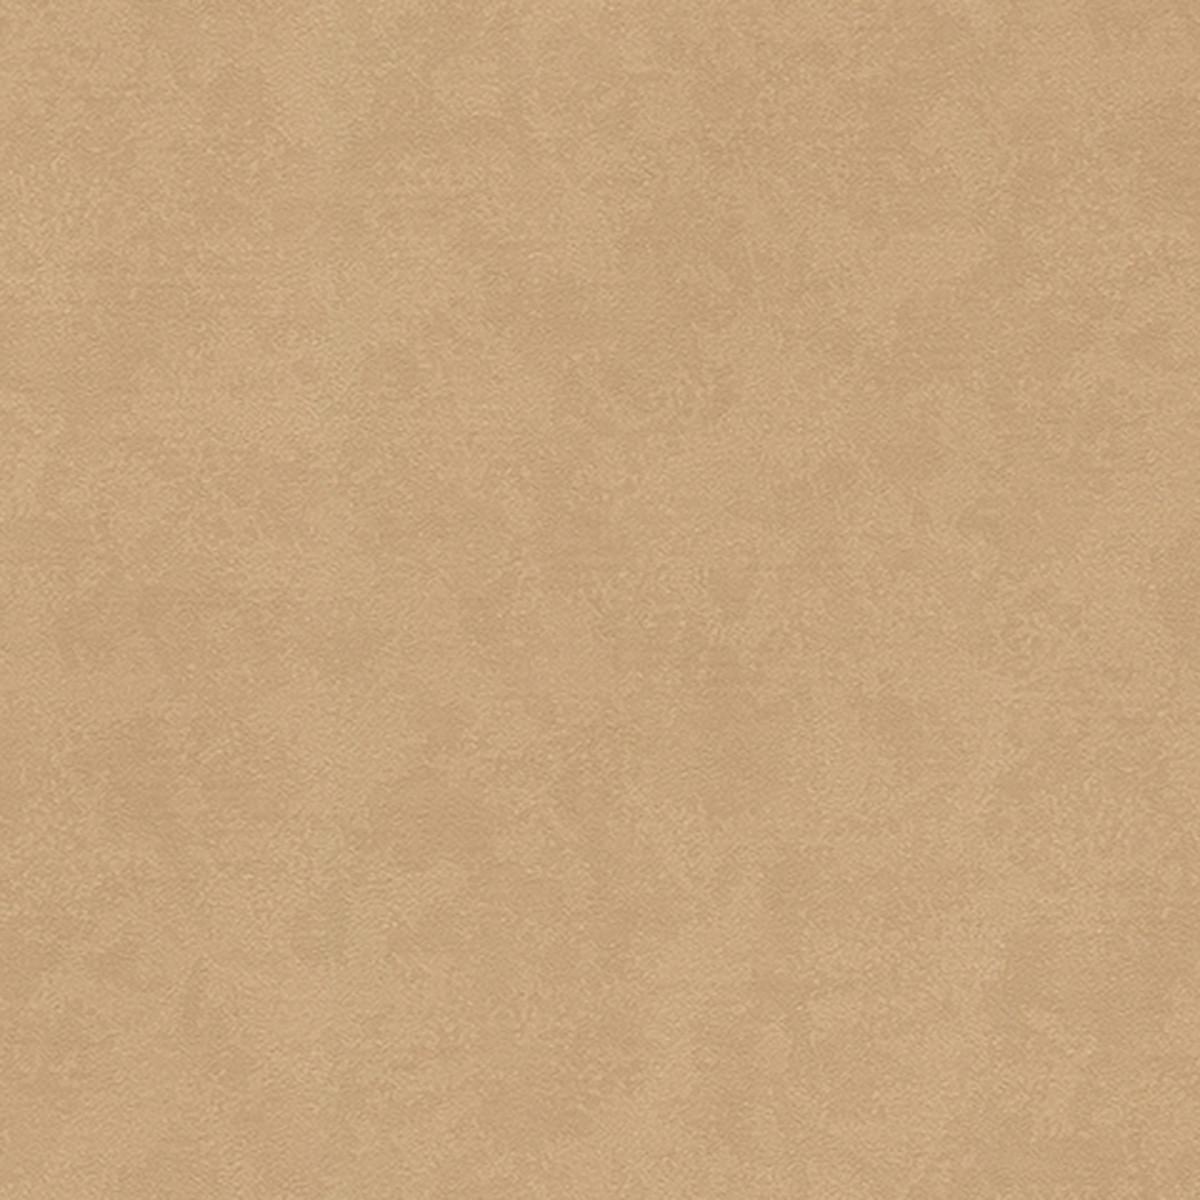 Обои флизелиновые С.Л.Г. коричневые 1.06 м 4-1026